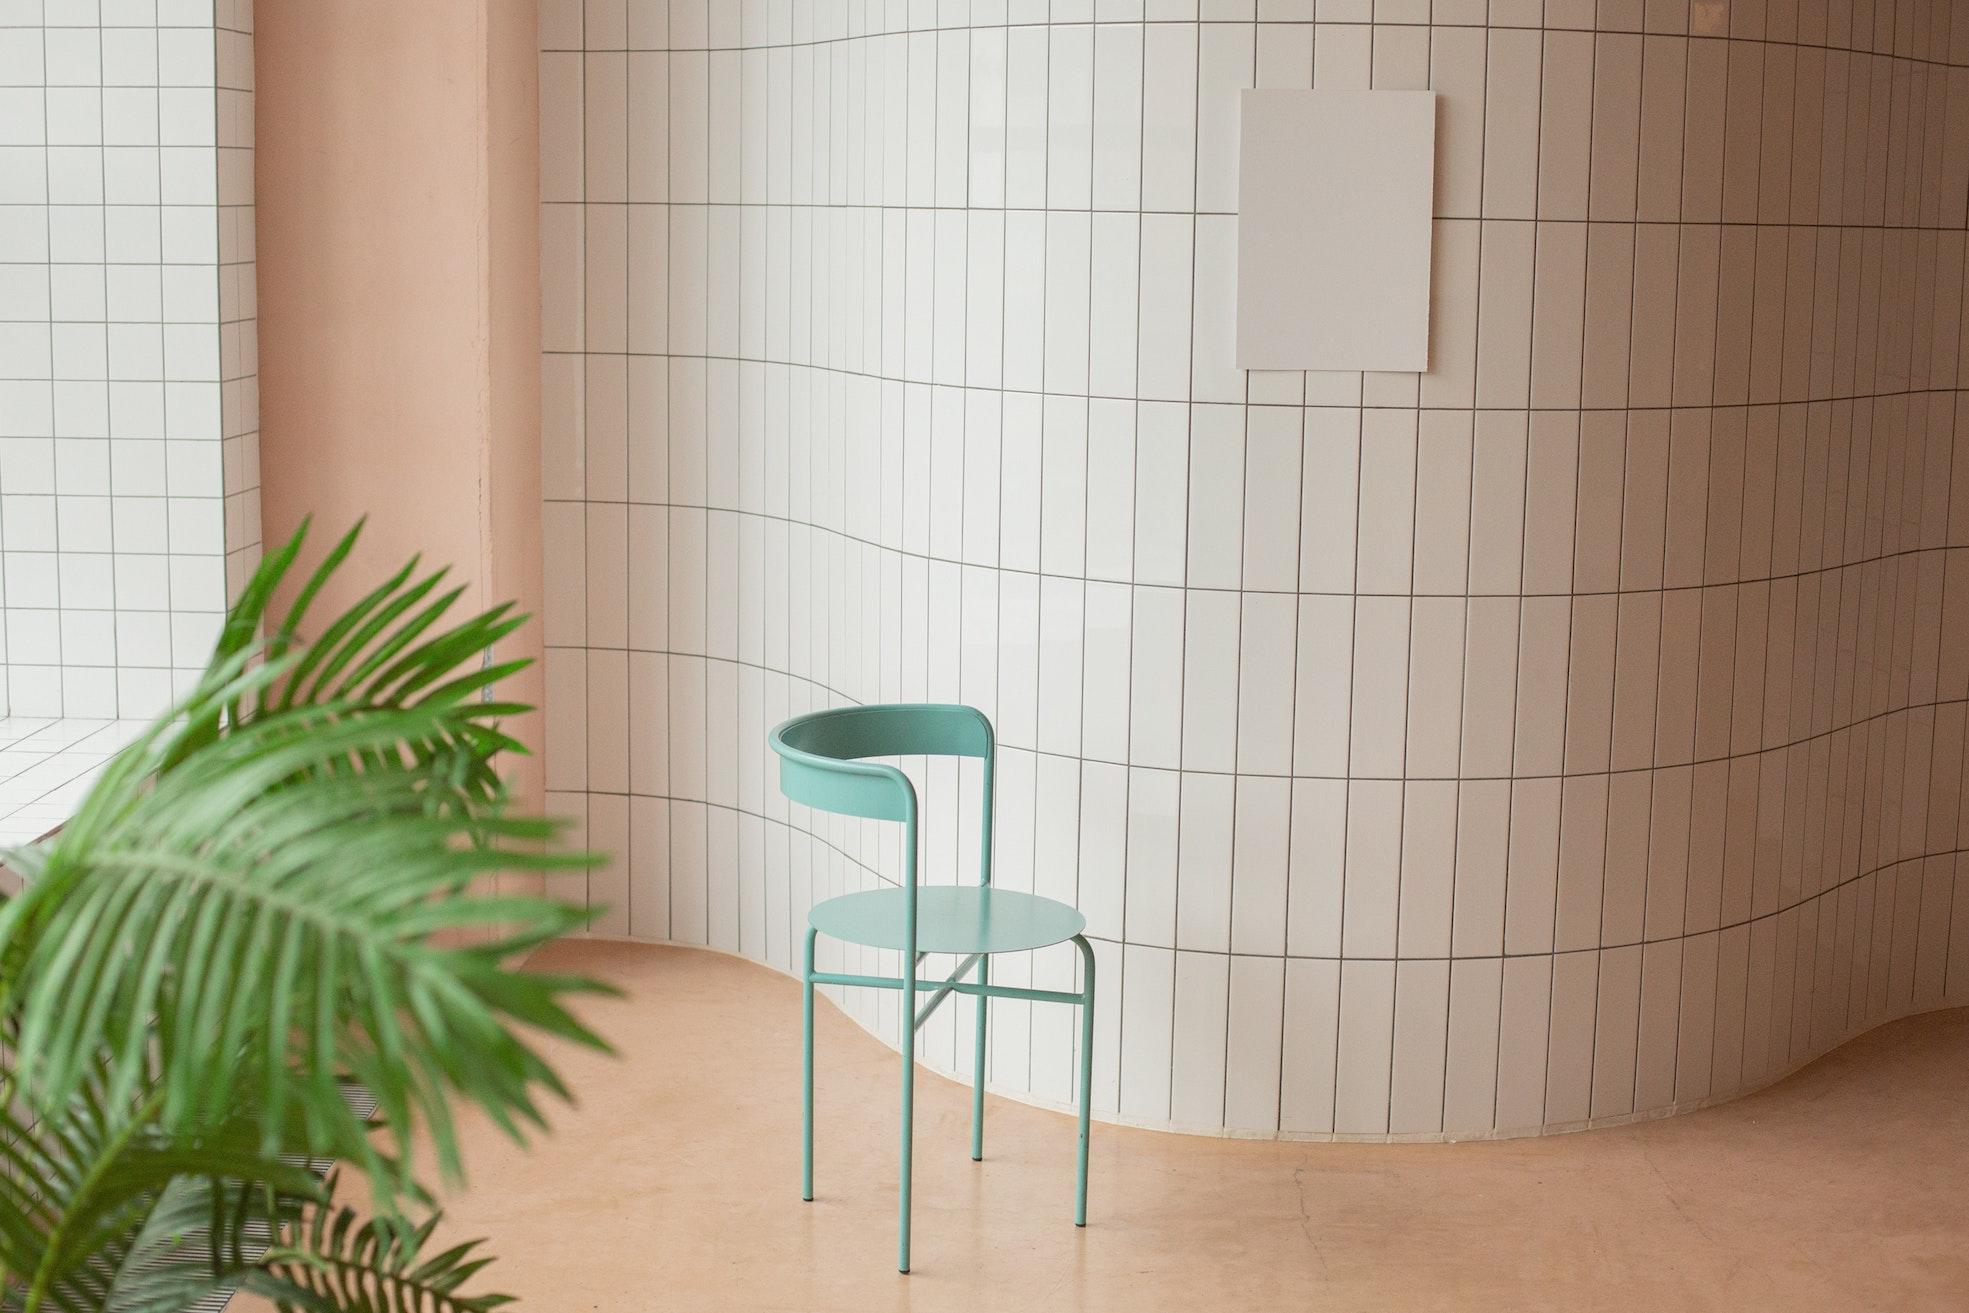 green chair mental health